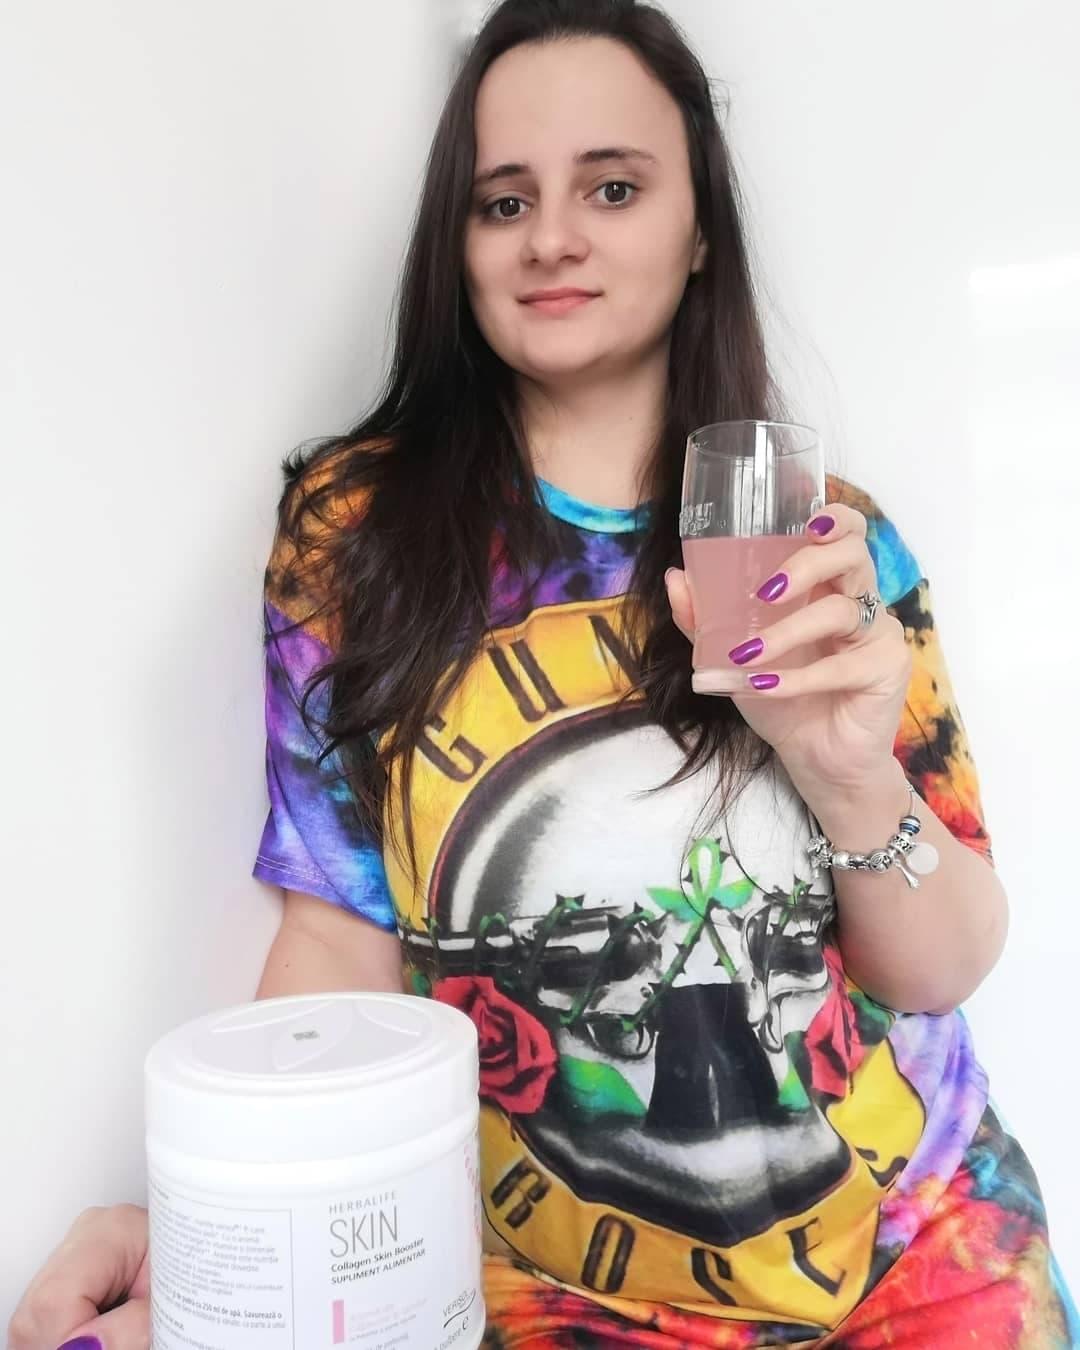 rochie tip tricou, tricou colorat,